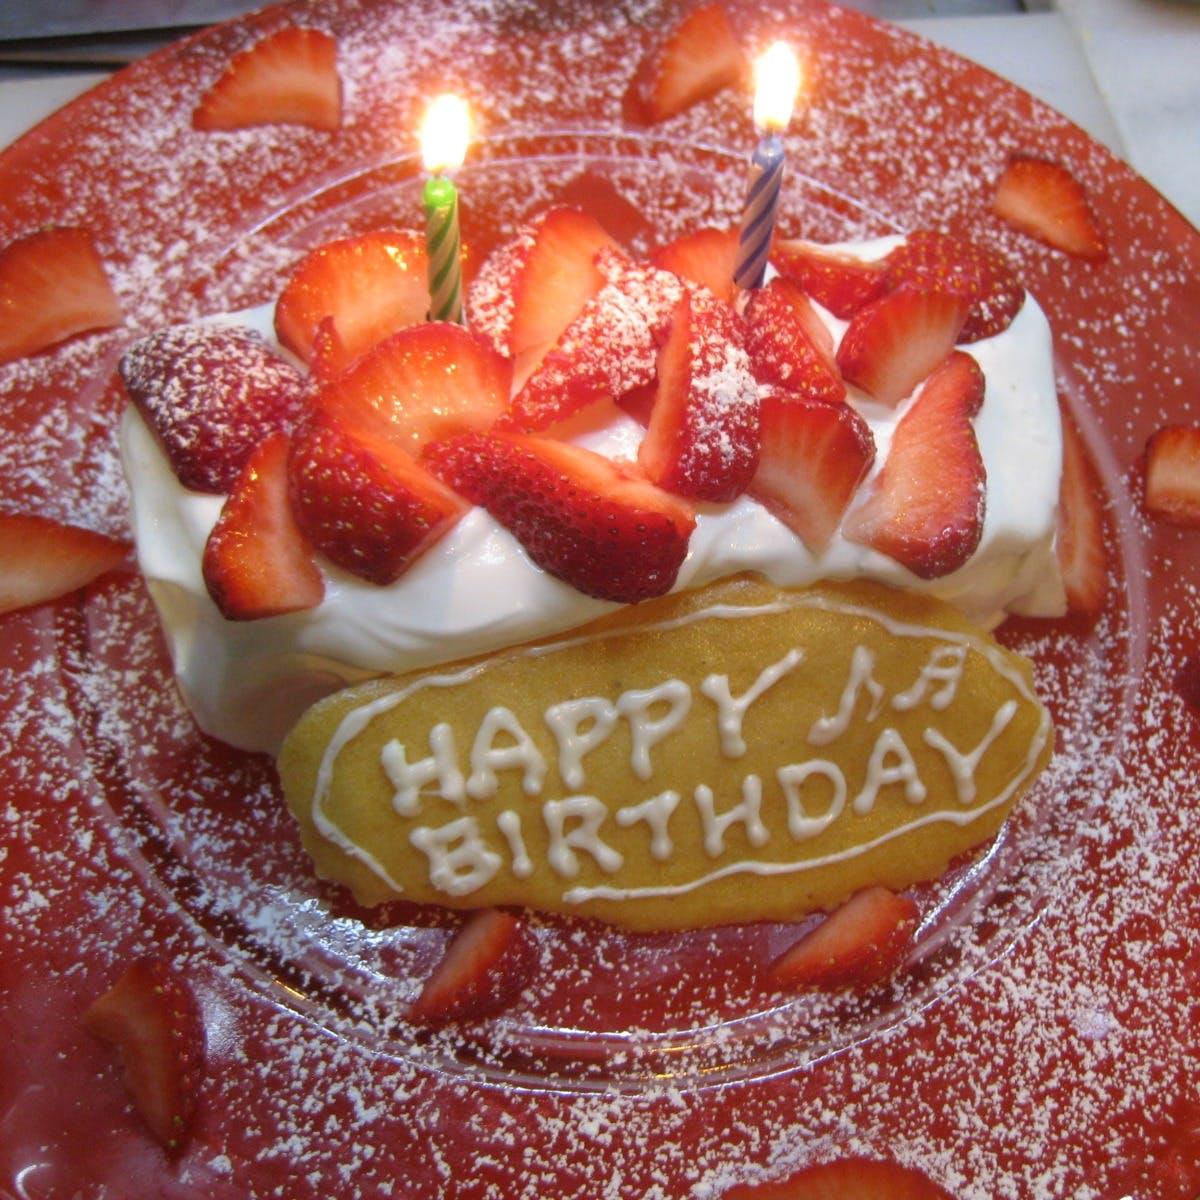 【記念日に】通常のデザートを記念日向きのかわいいケーキへ変更いたします!